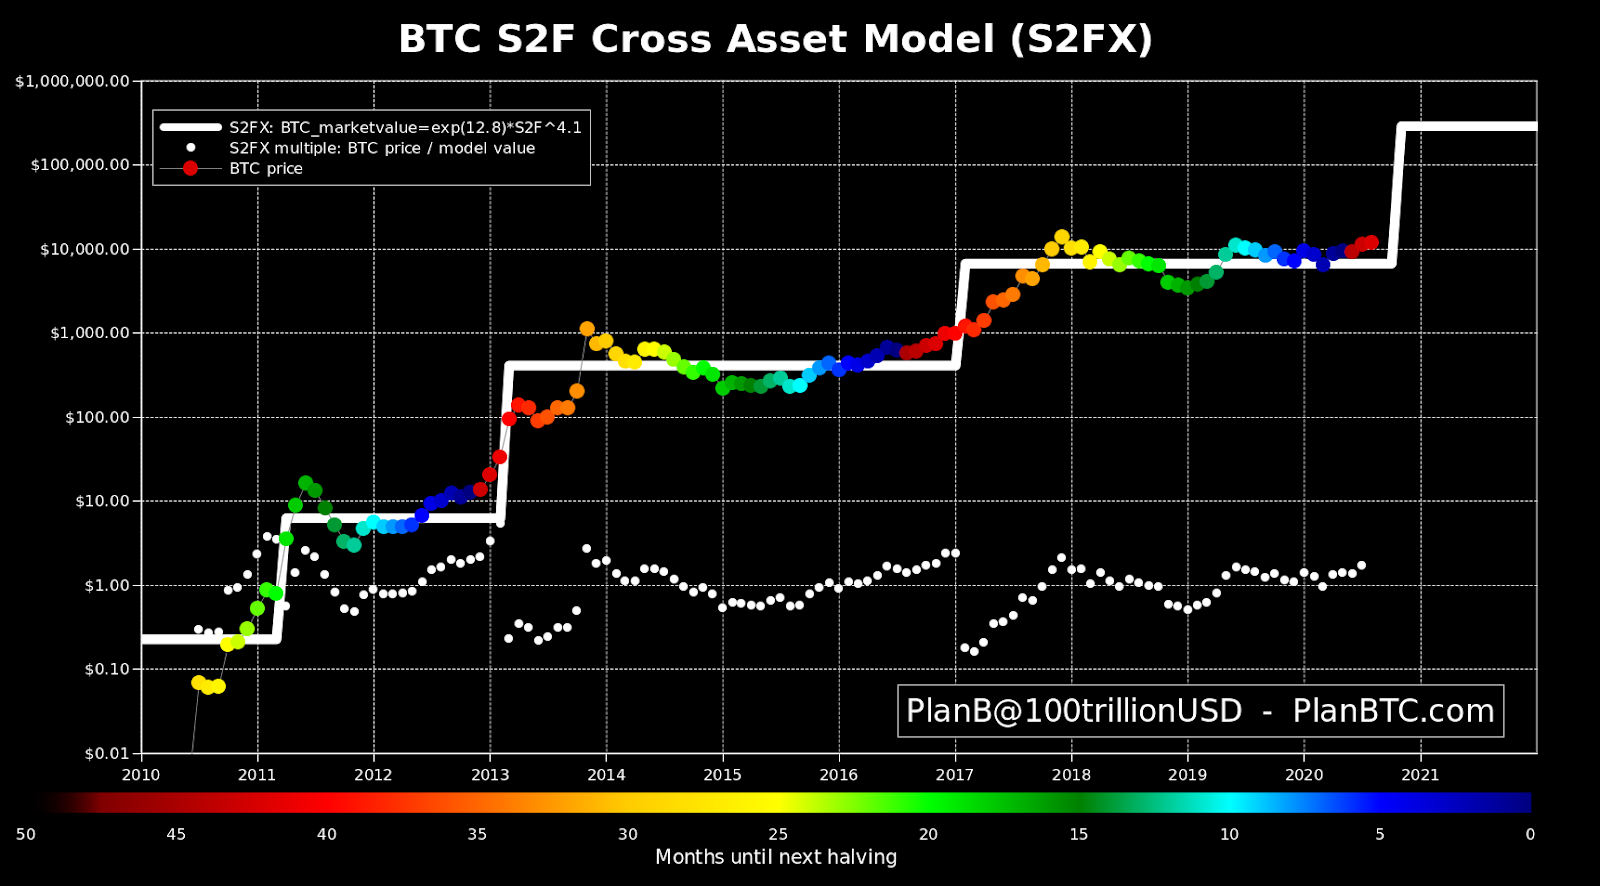 Bitcoin S2F Cross-Asset model chart